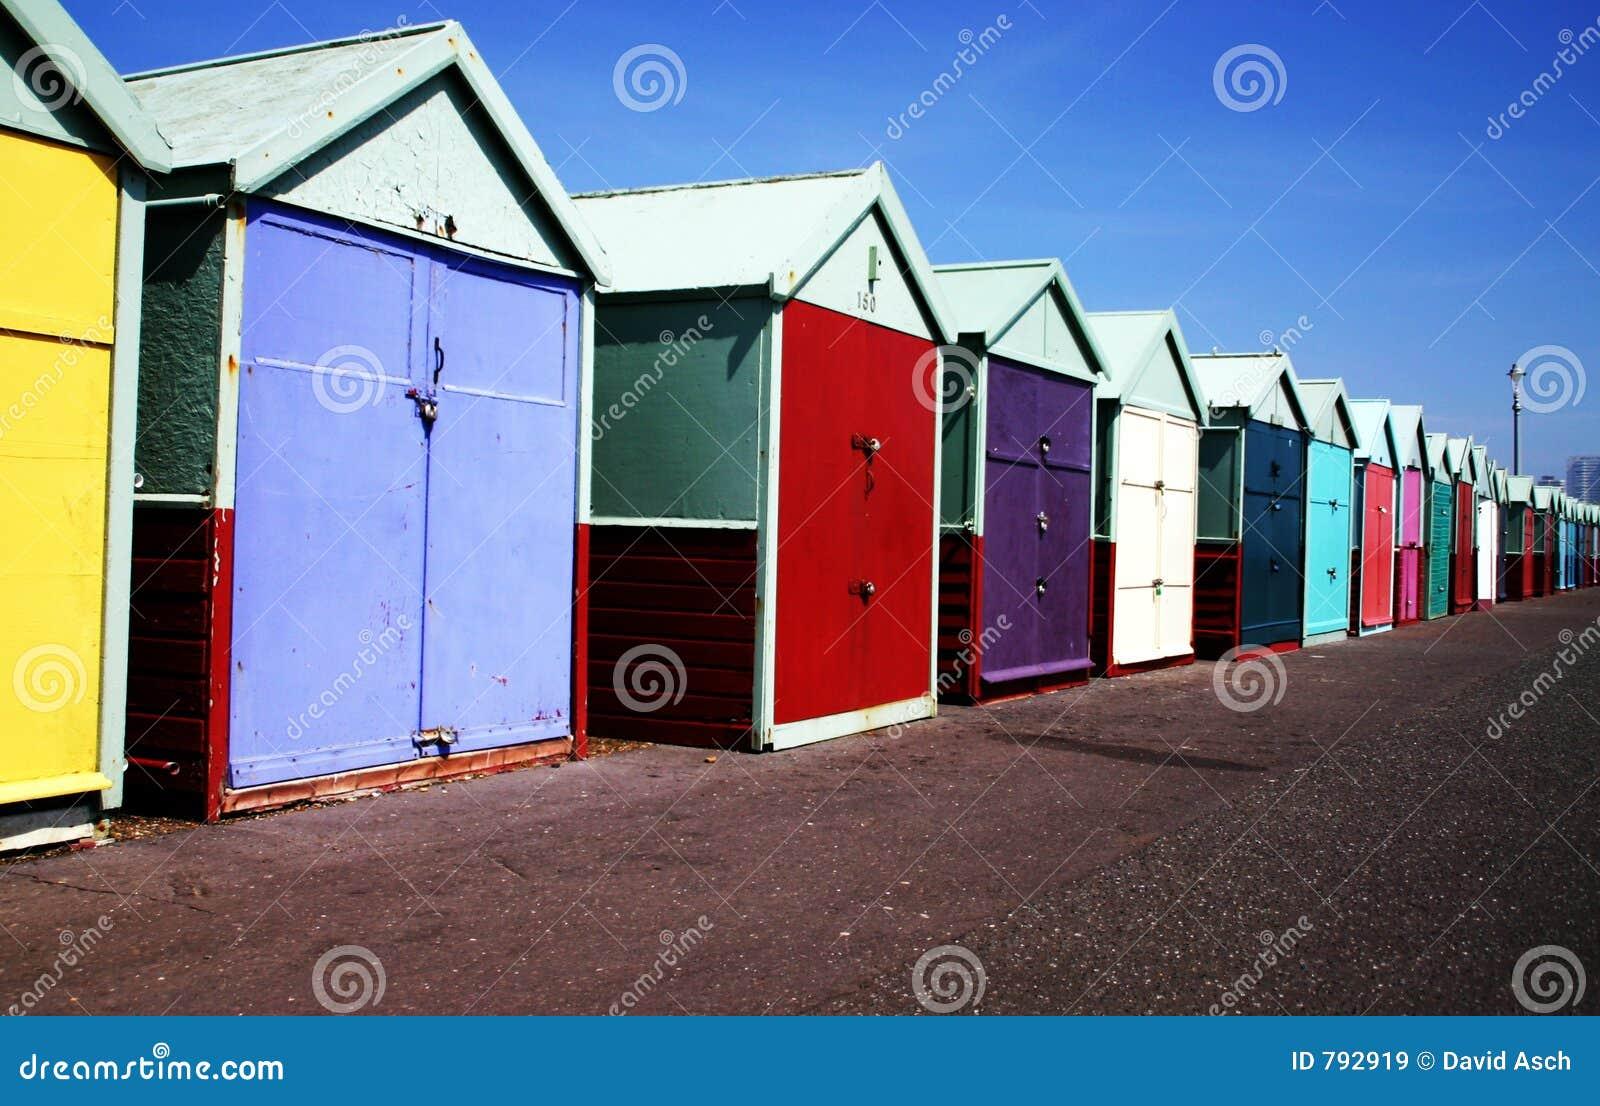 Plaże kolorowym chaty